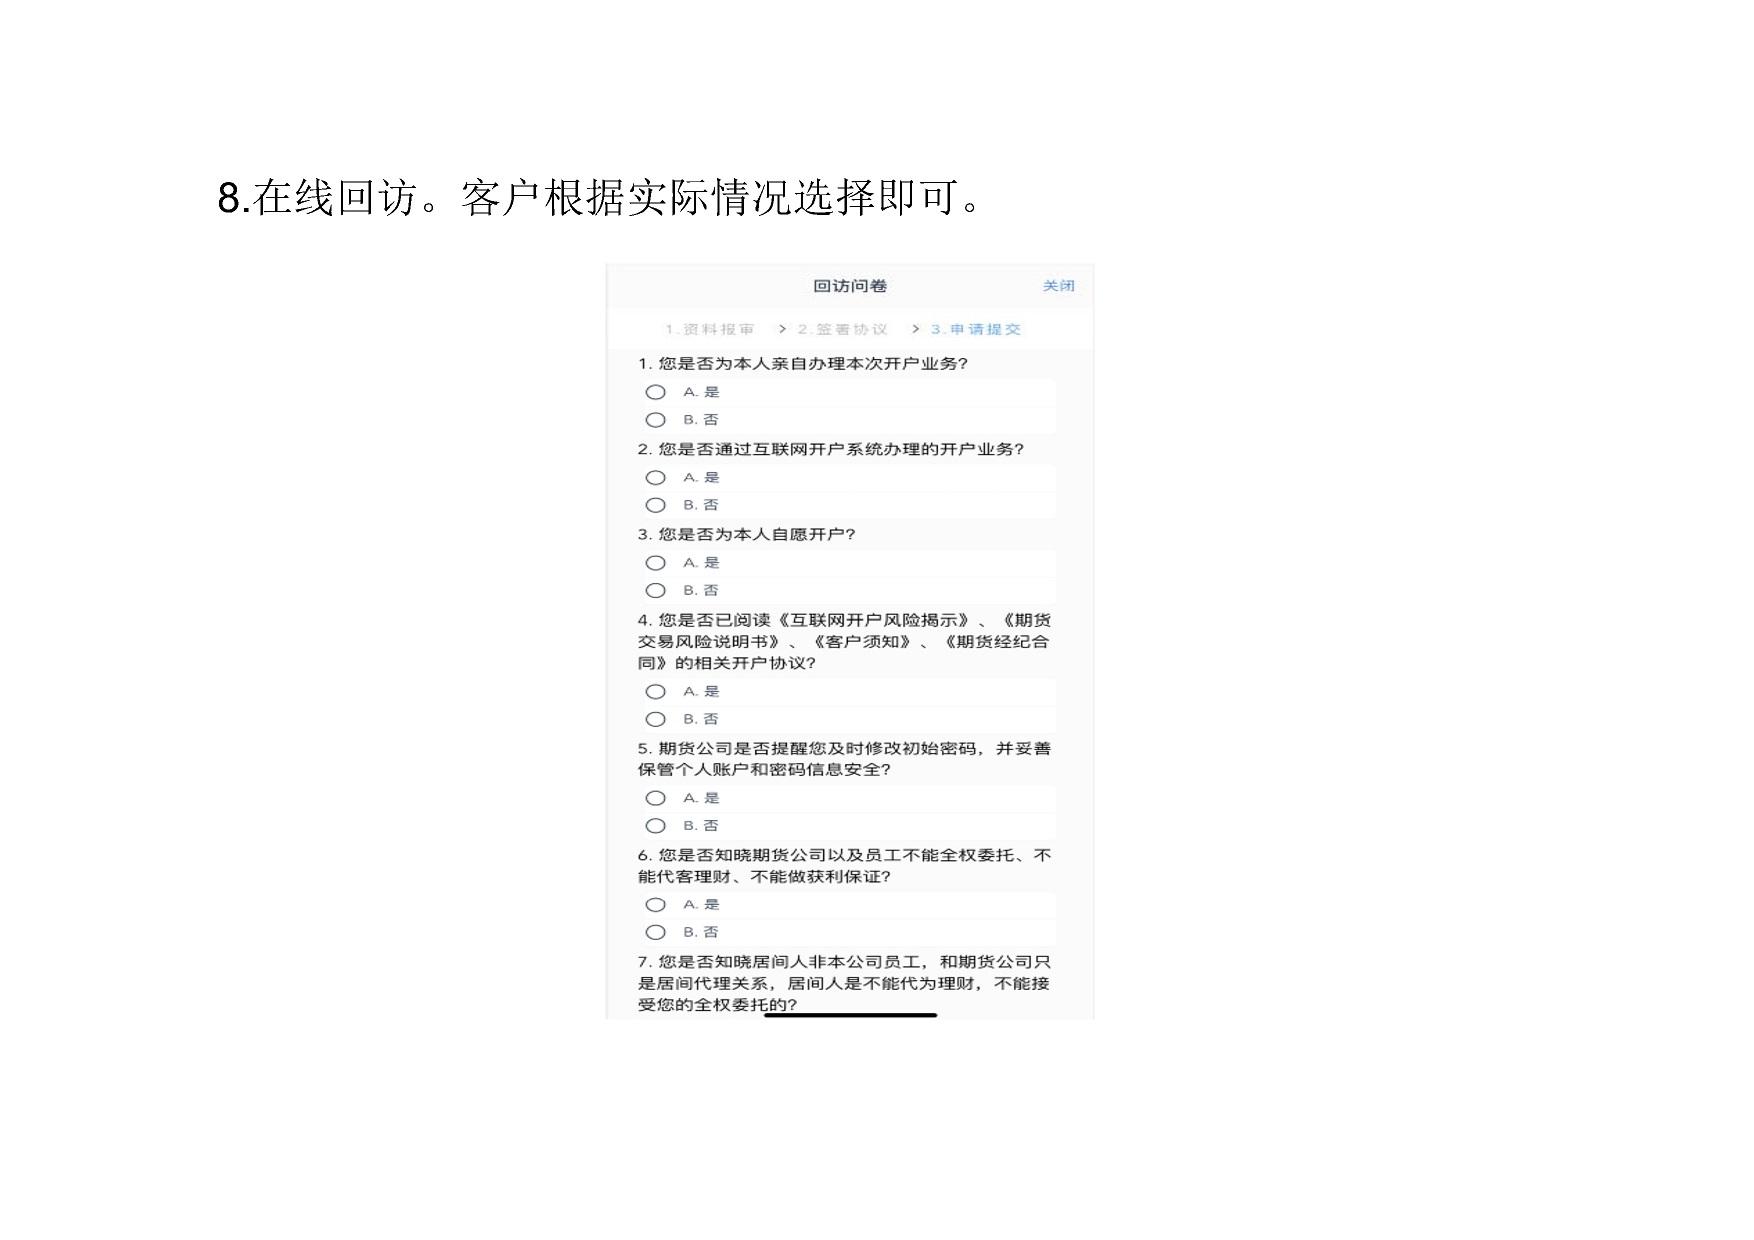 商品期货开户流程_Page16.jpg